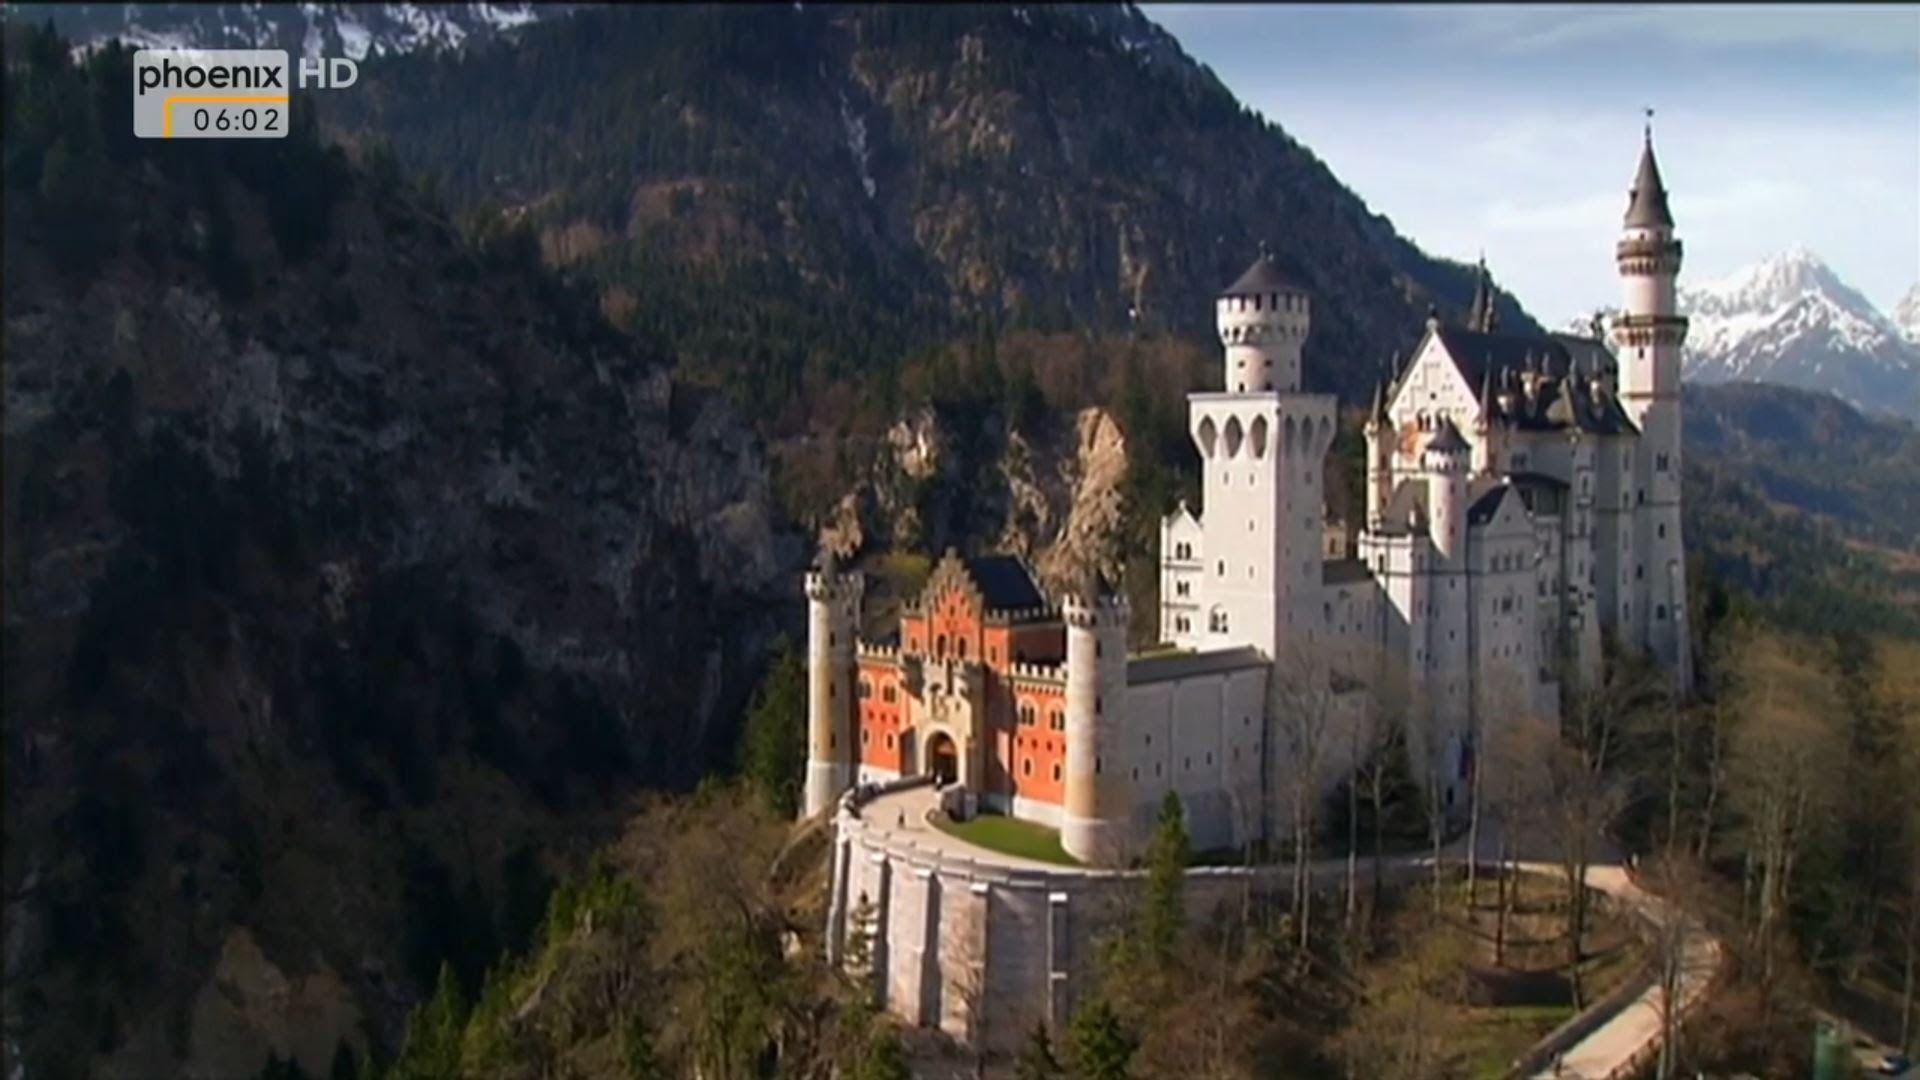 Superbauten Schloss Neuschwanstein Hd Doku